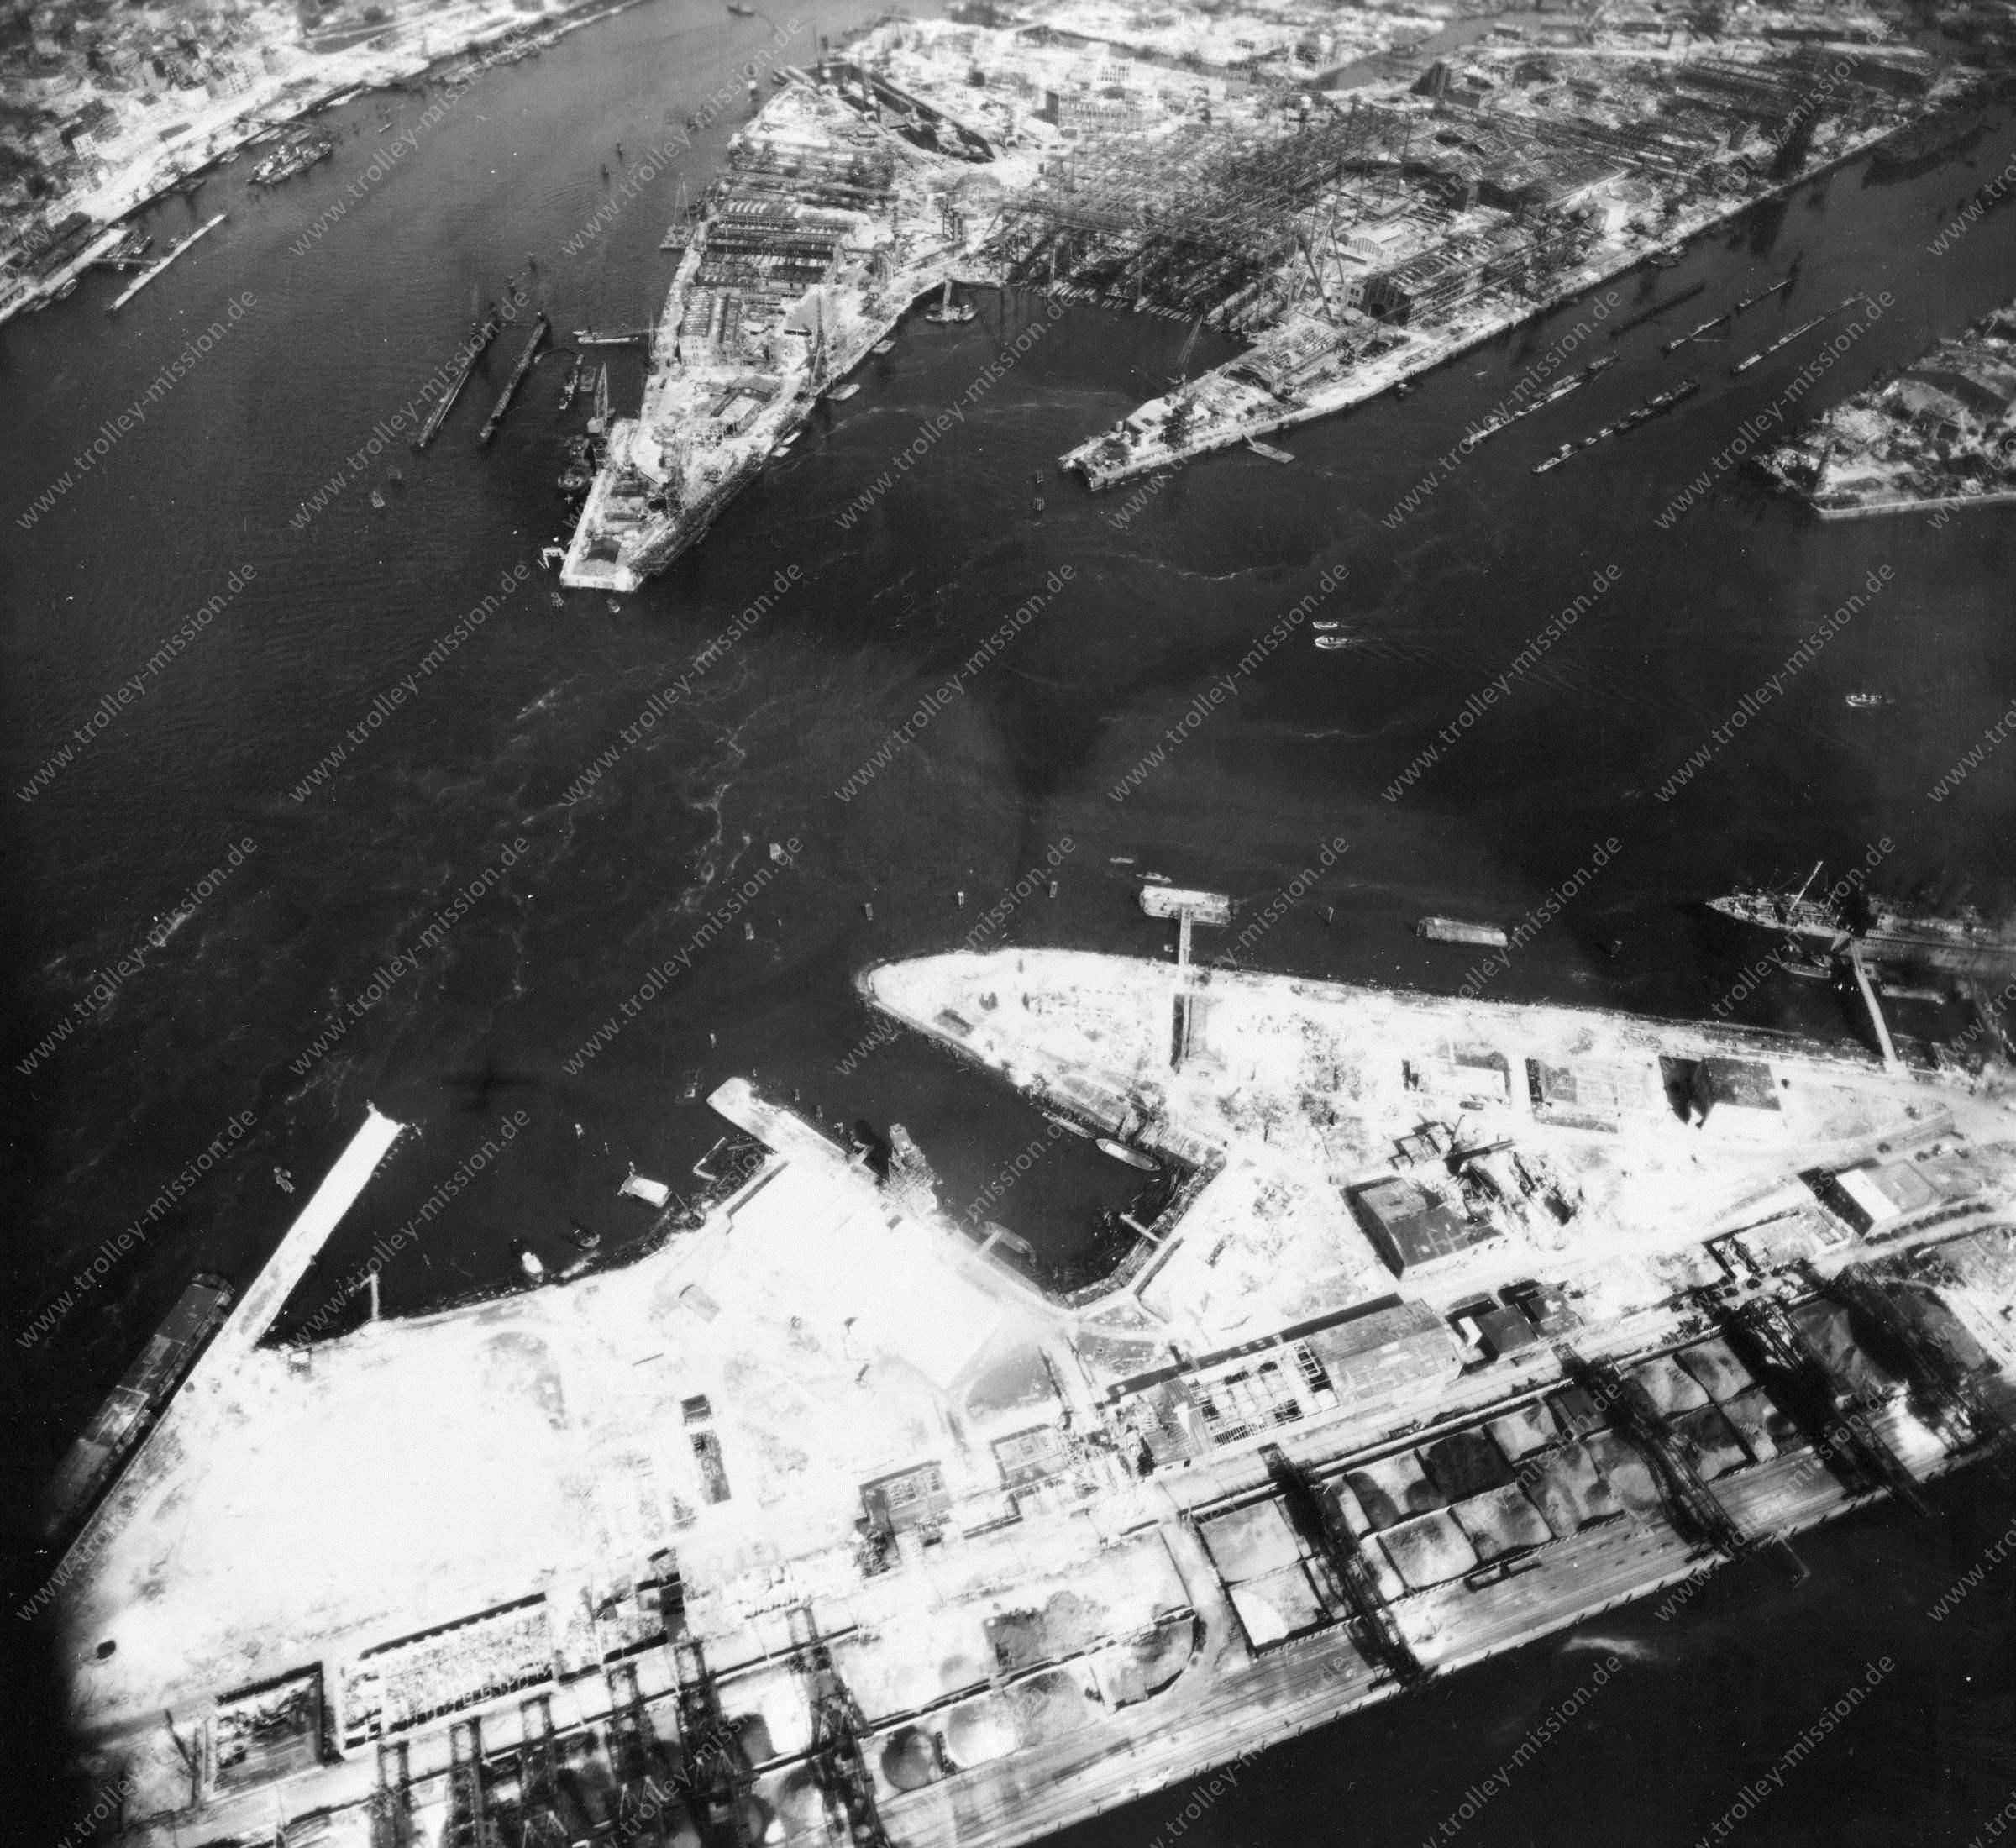 Luftbild von Hamburg und Hafen am 12. Mai 1945 - Luftbildserie 9/19 der US Air Force